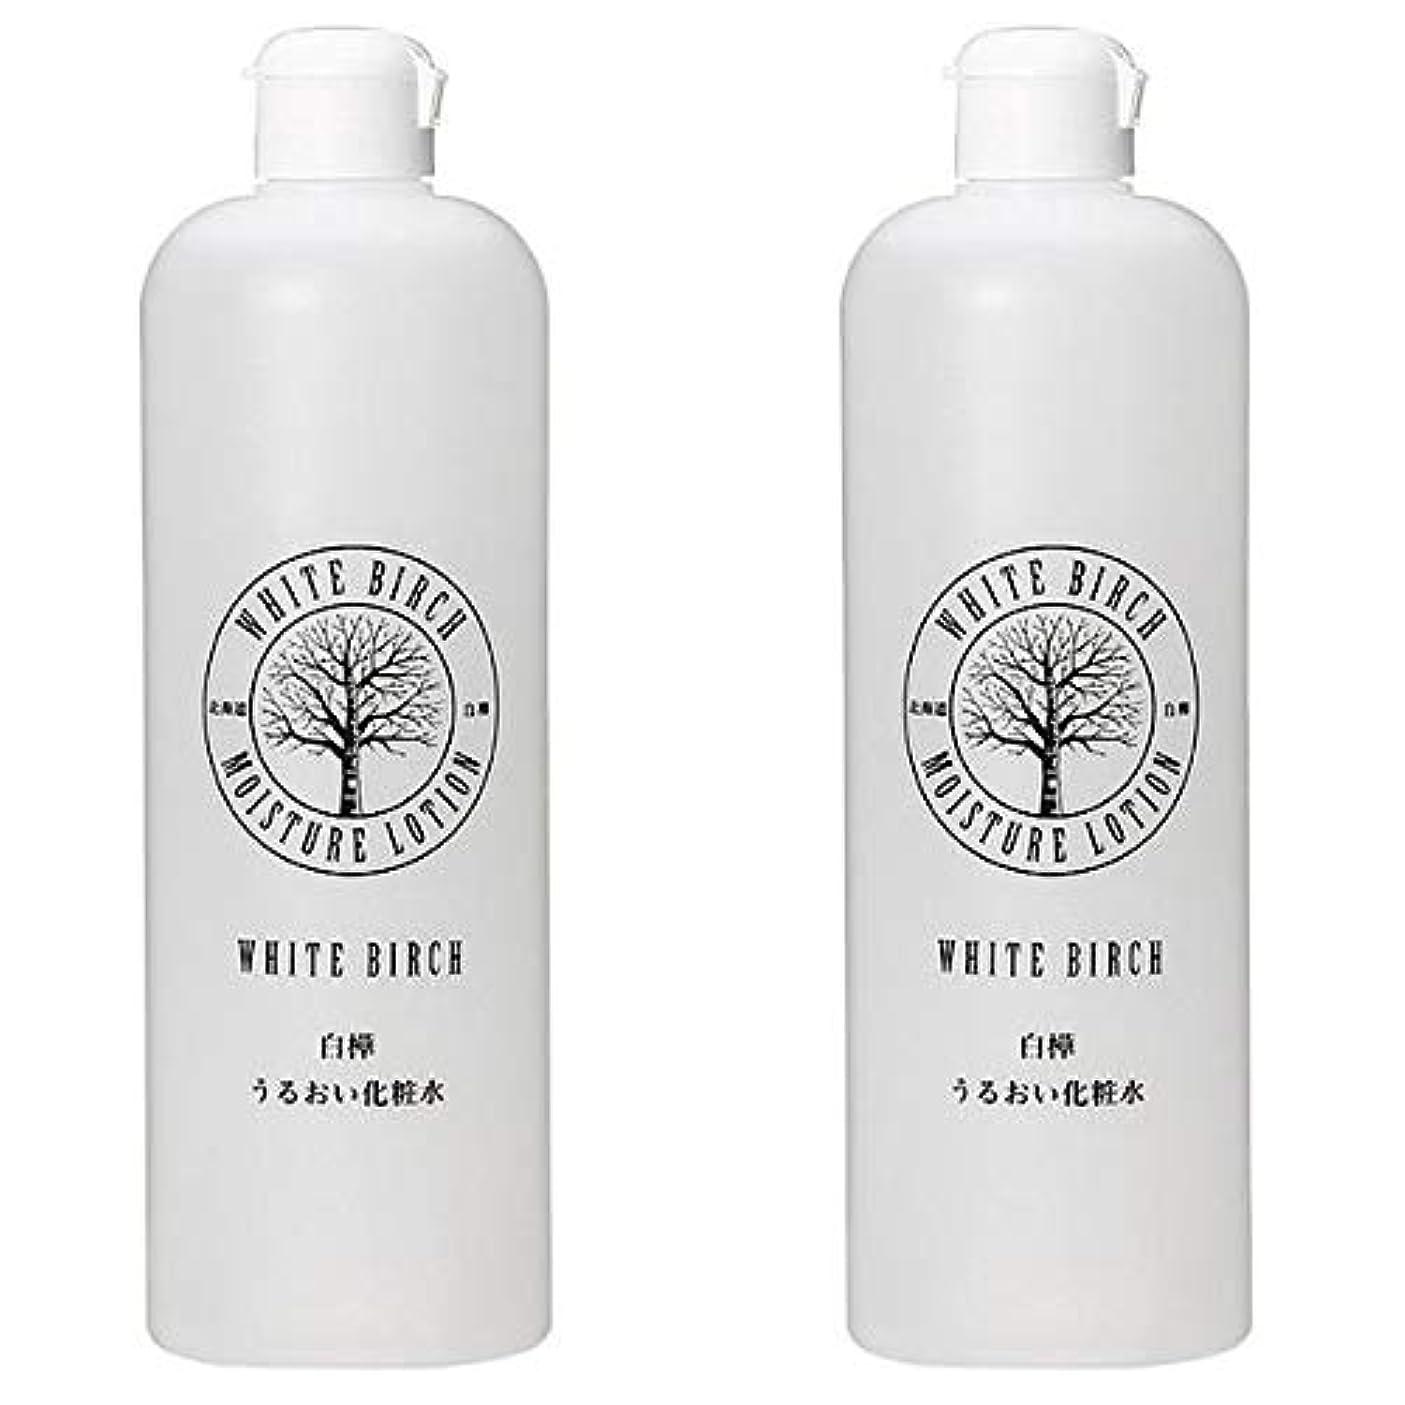 クレタ機密はちみつ北海道アンソロポロジー 白樺うるおい化粧水 500mL 【2個セット】